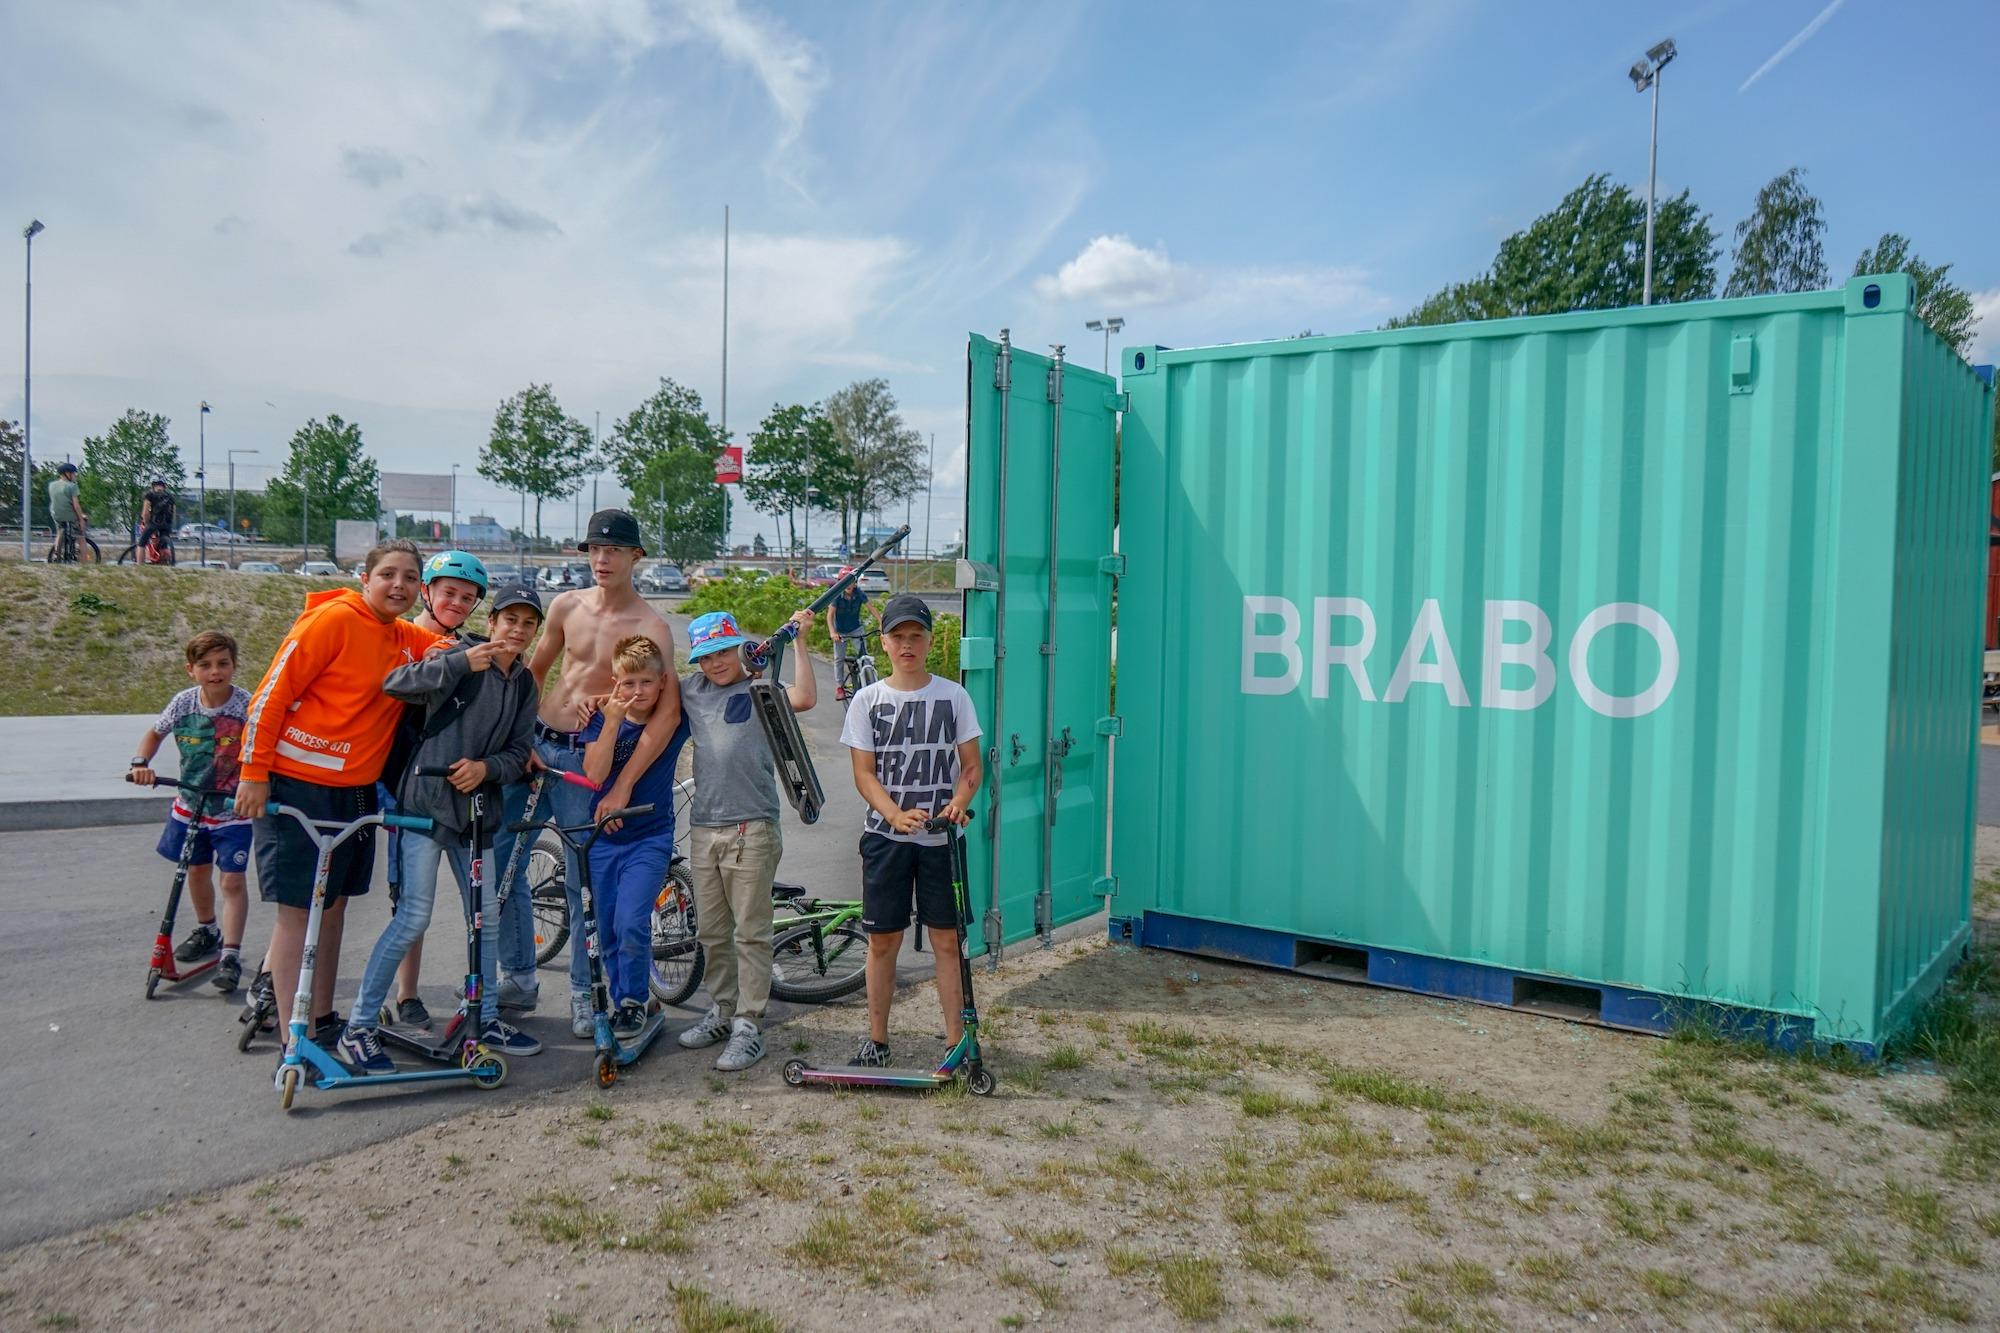 BRABO, brabostockholm, Skatepark, Vilunda, Vilundaparken, Upplands Väsby